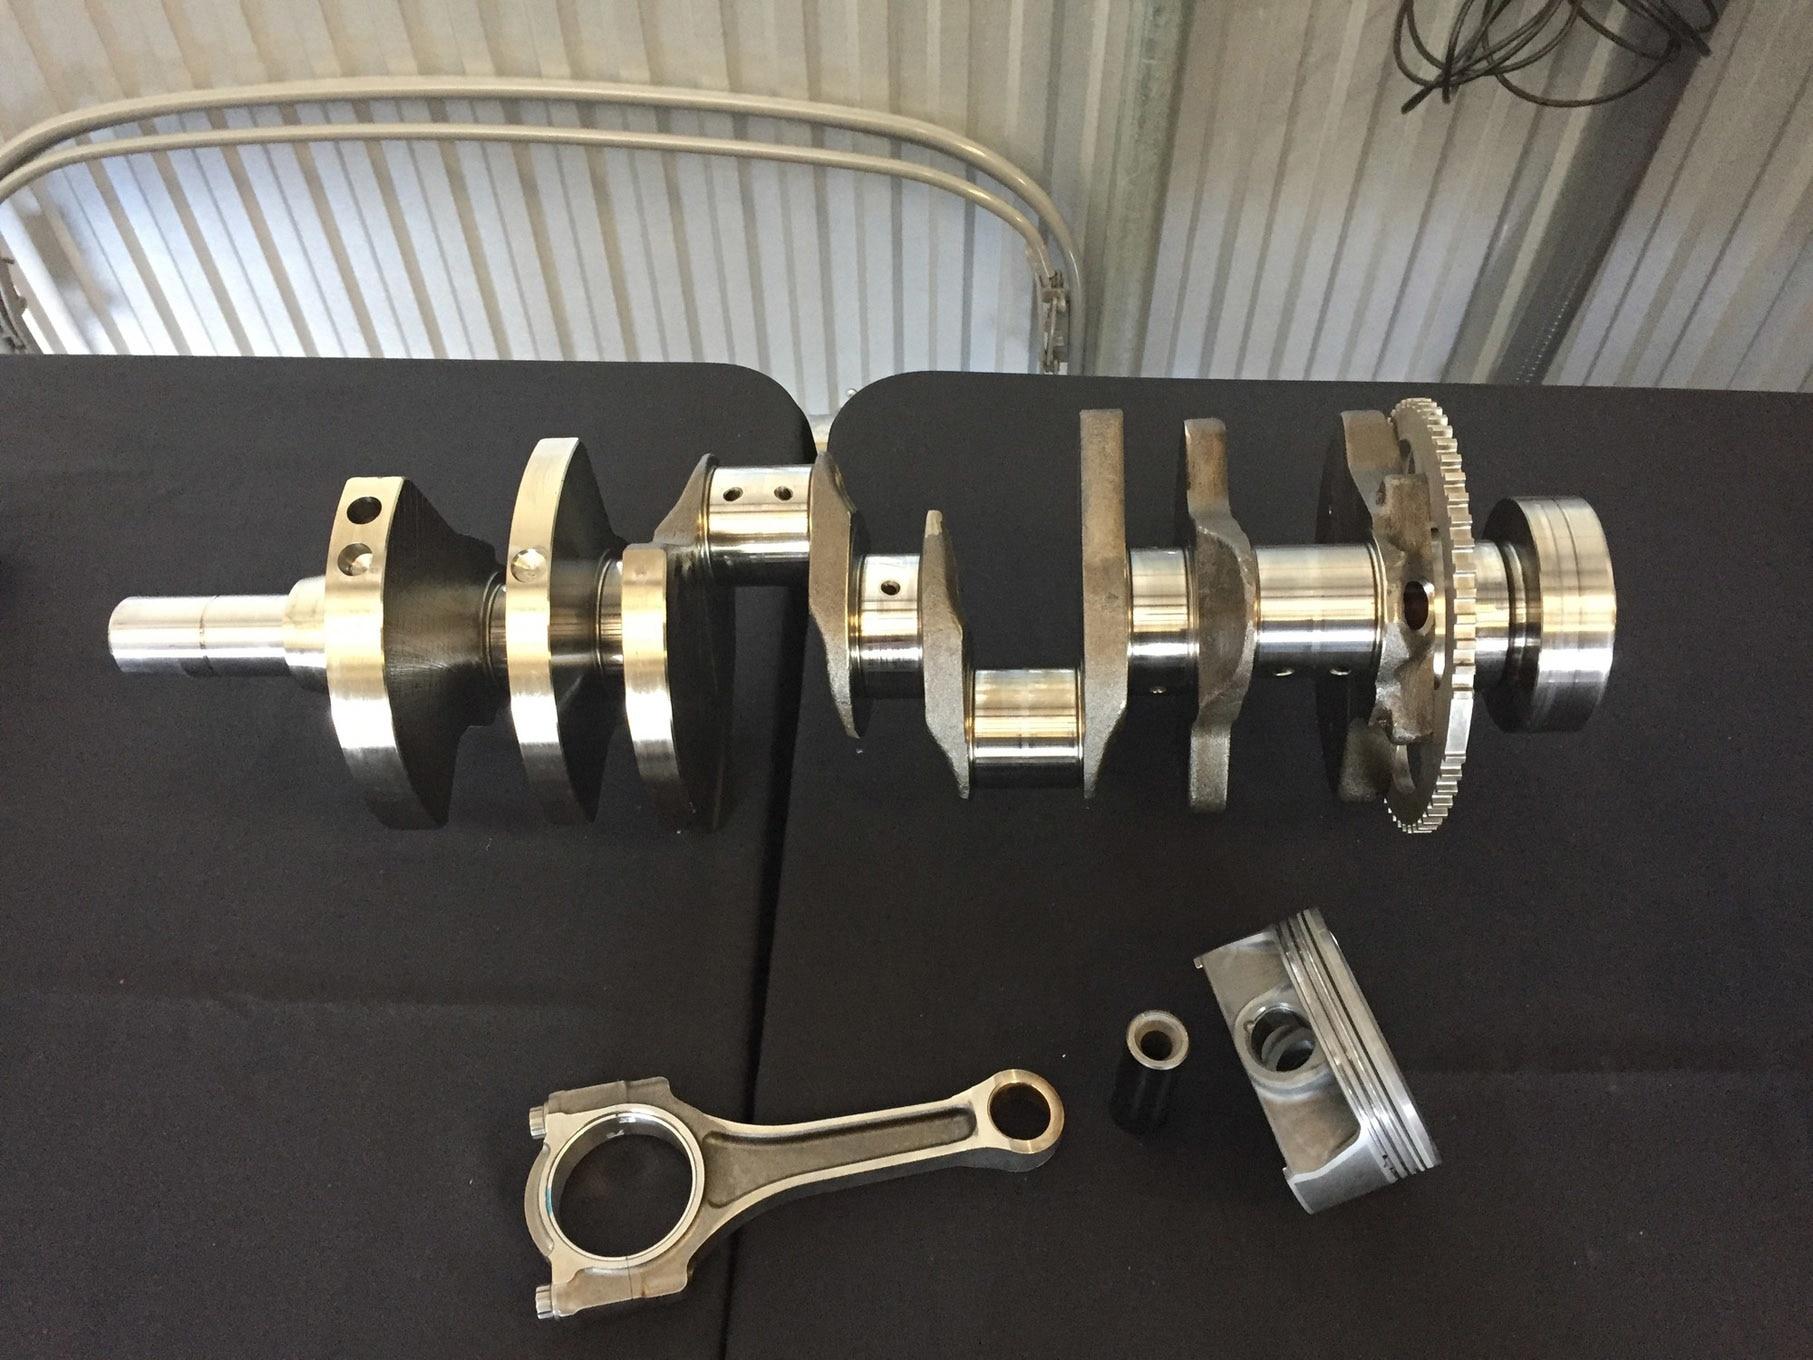 Dodge Demon - 2017 - HEMI engine crankshaft - photo via hotrod.com